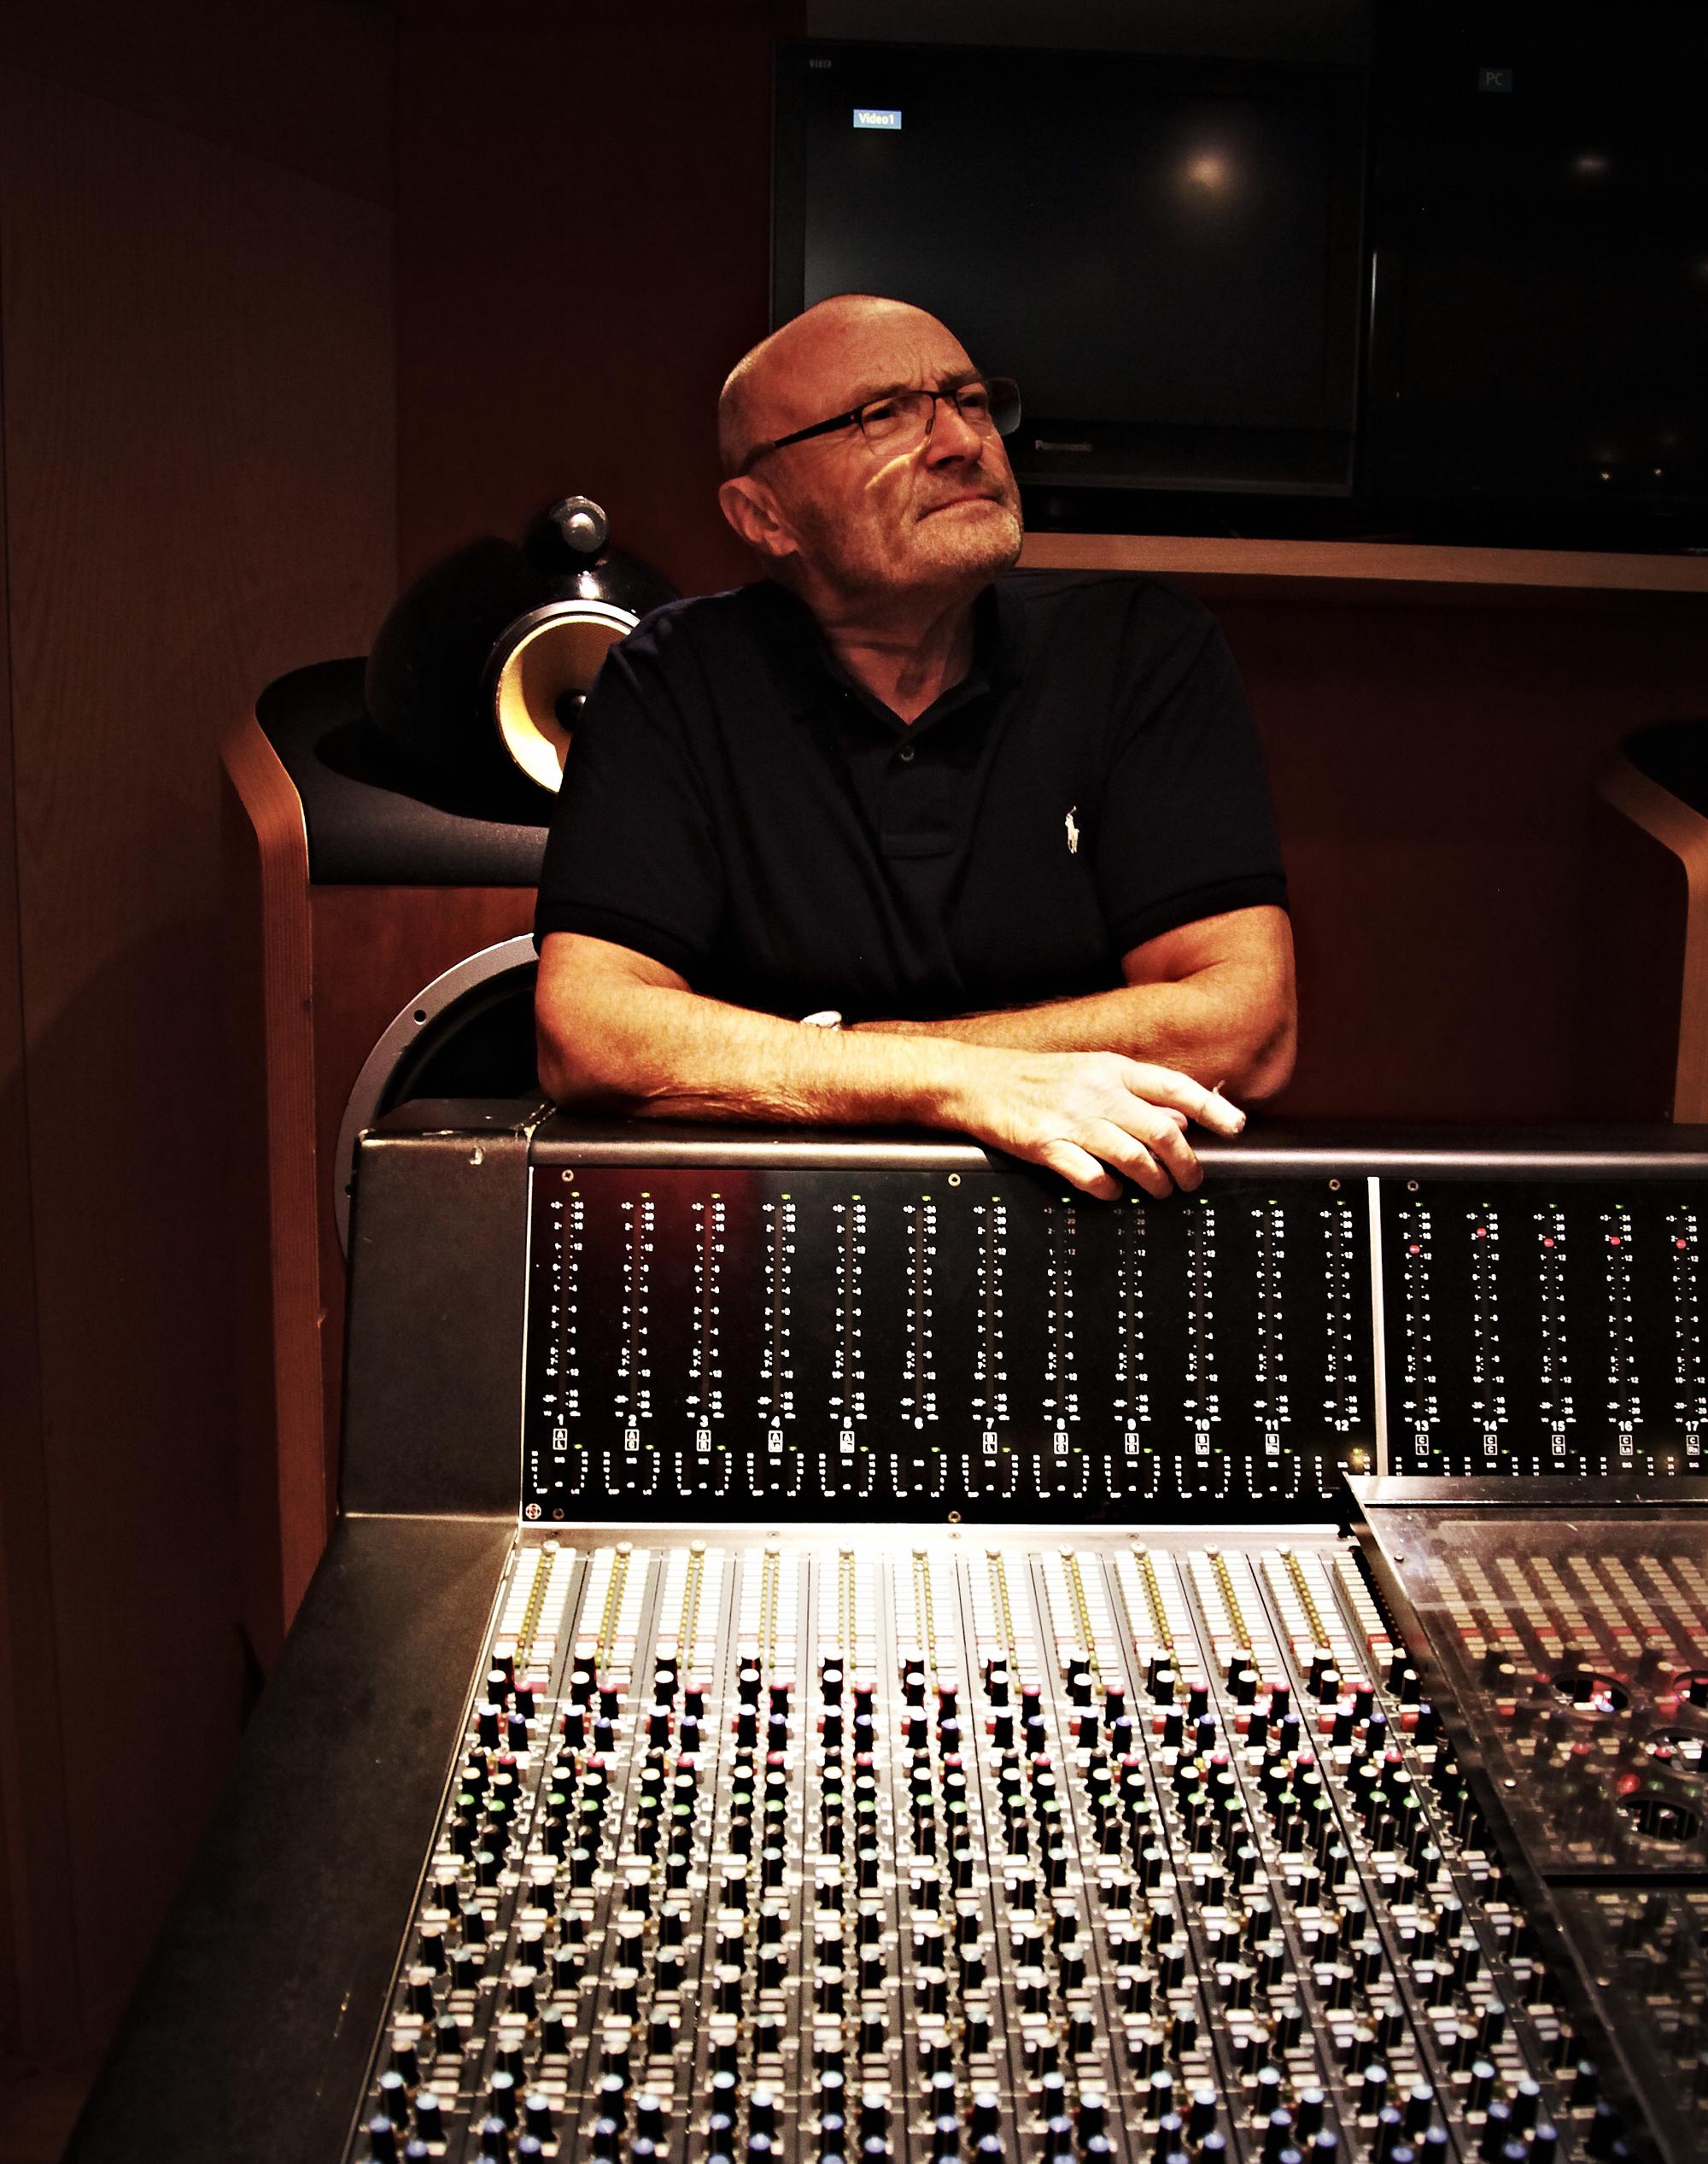 Phil Collins Credito Divulgacao (1)